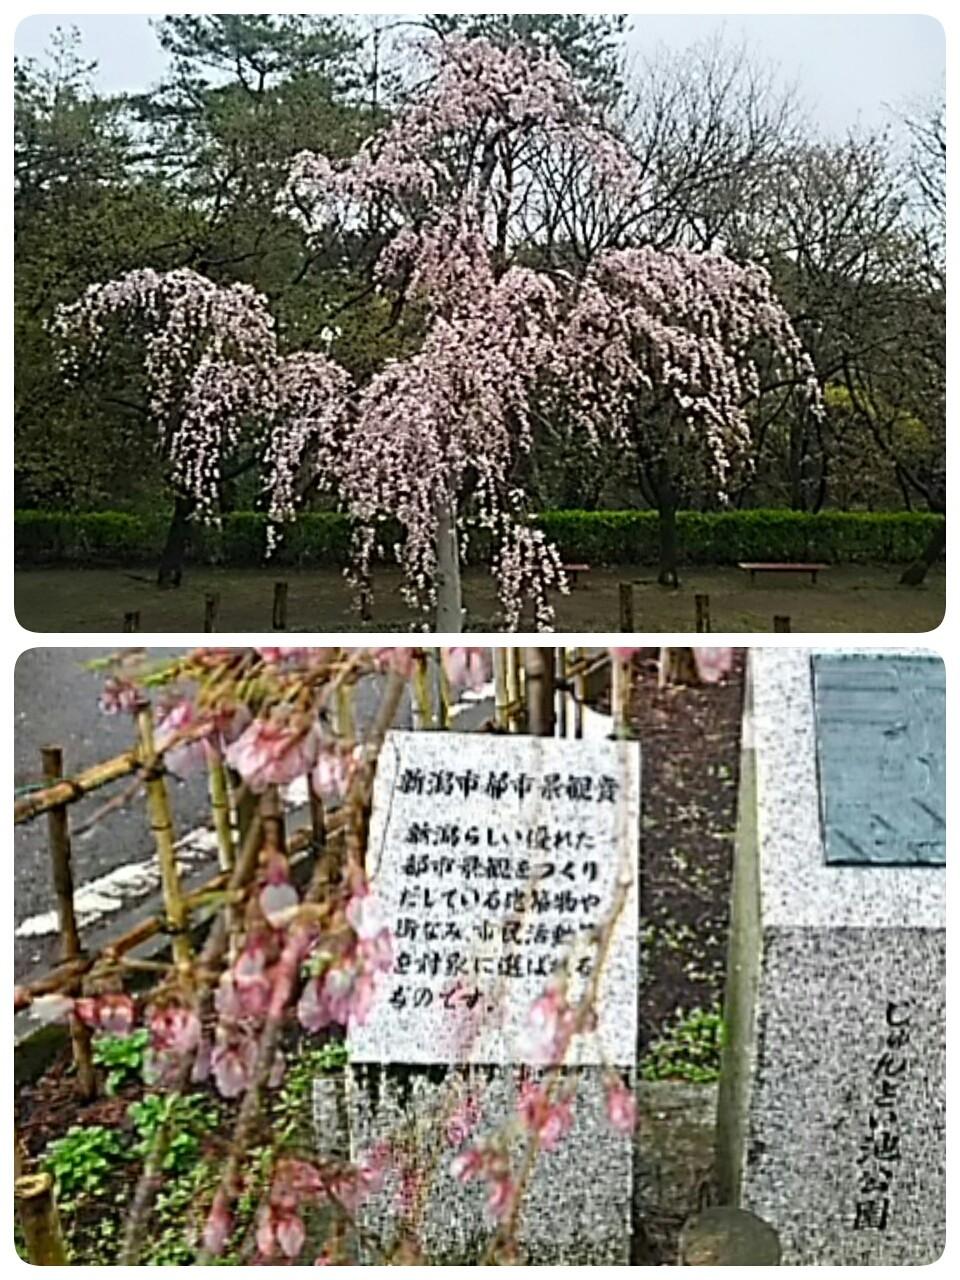 じゅんさい池公園の垂れ桜❤